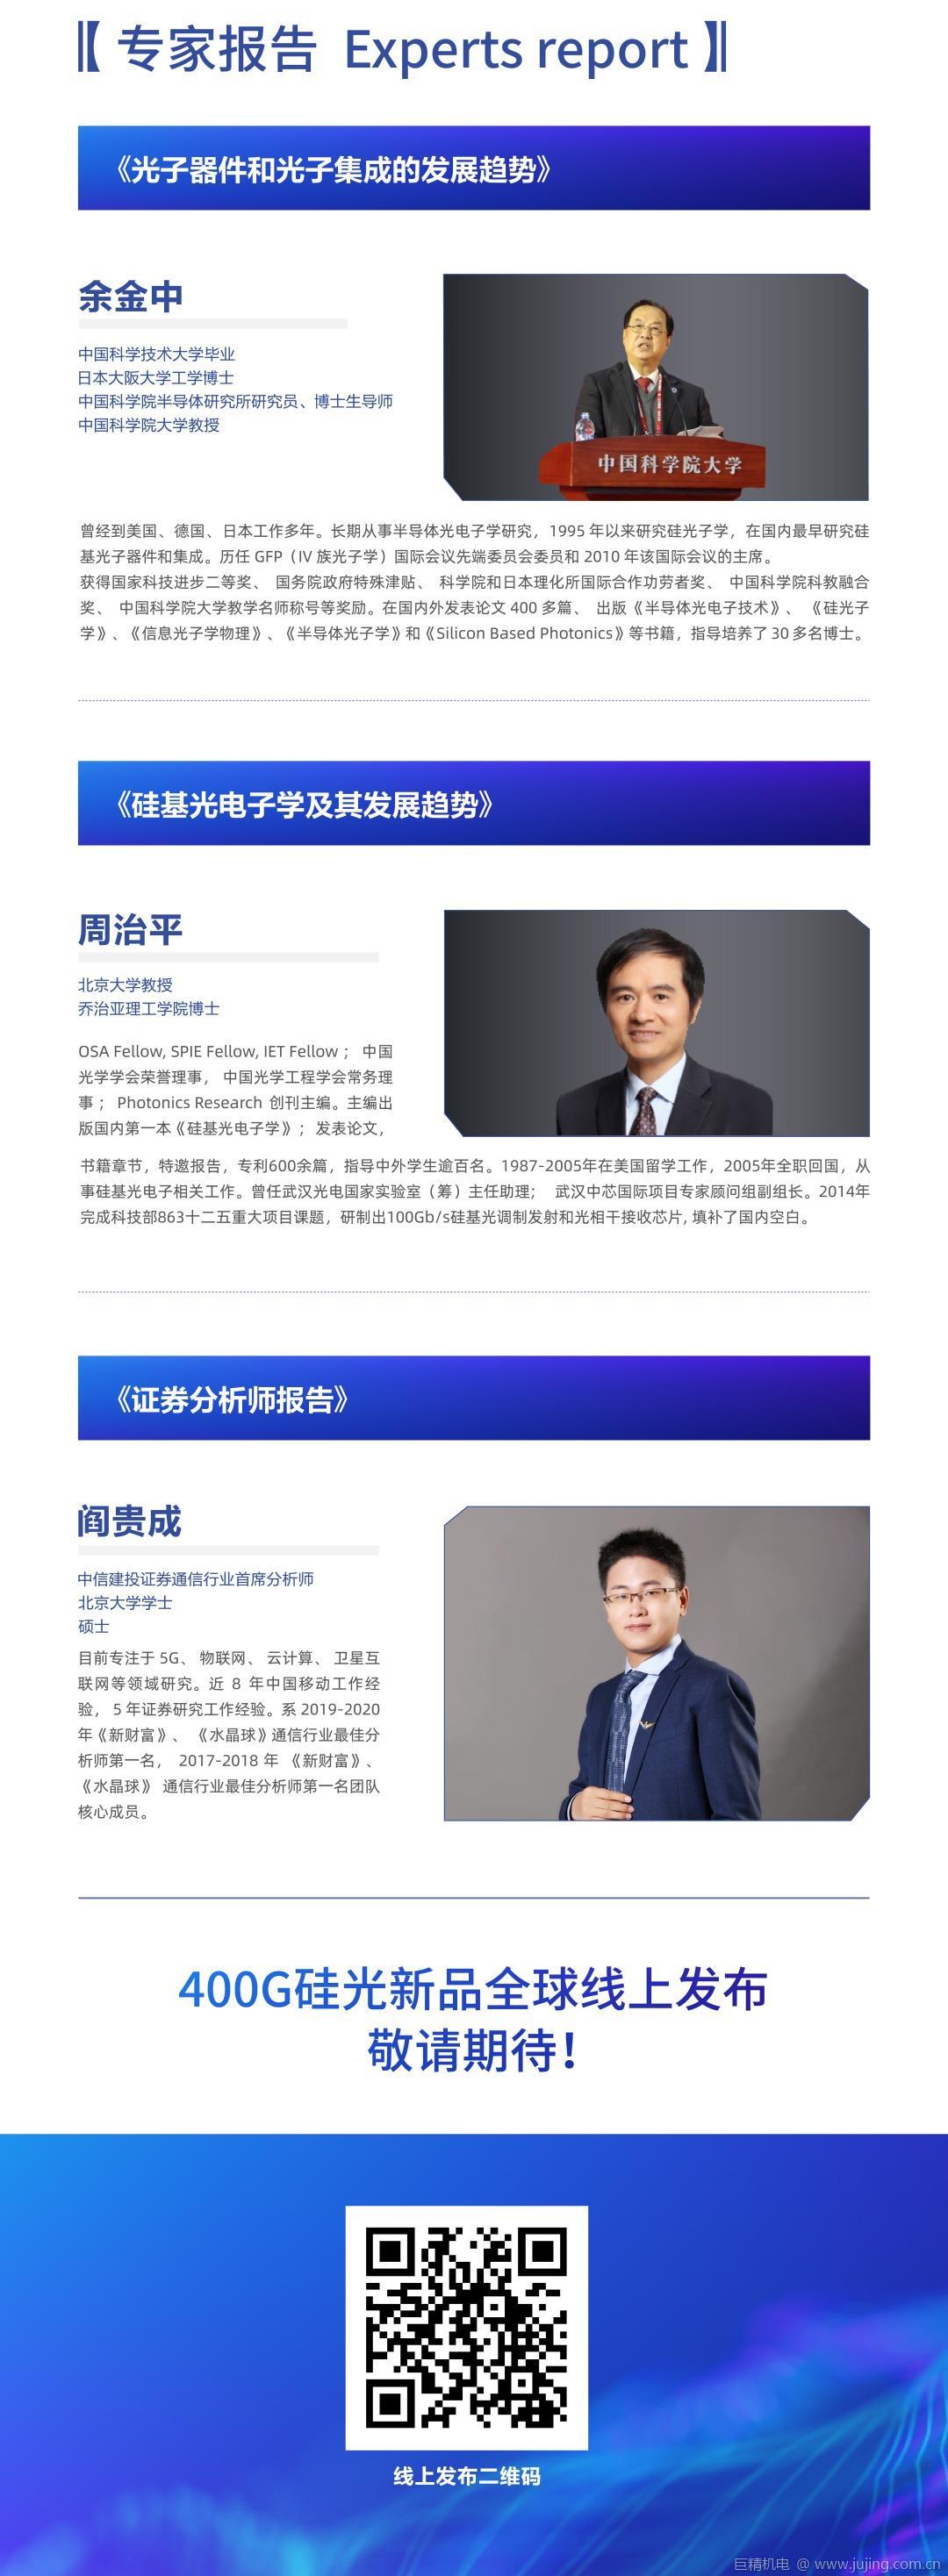 """021年亨通光电400G硅光新品即将发布!"""""""